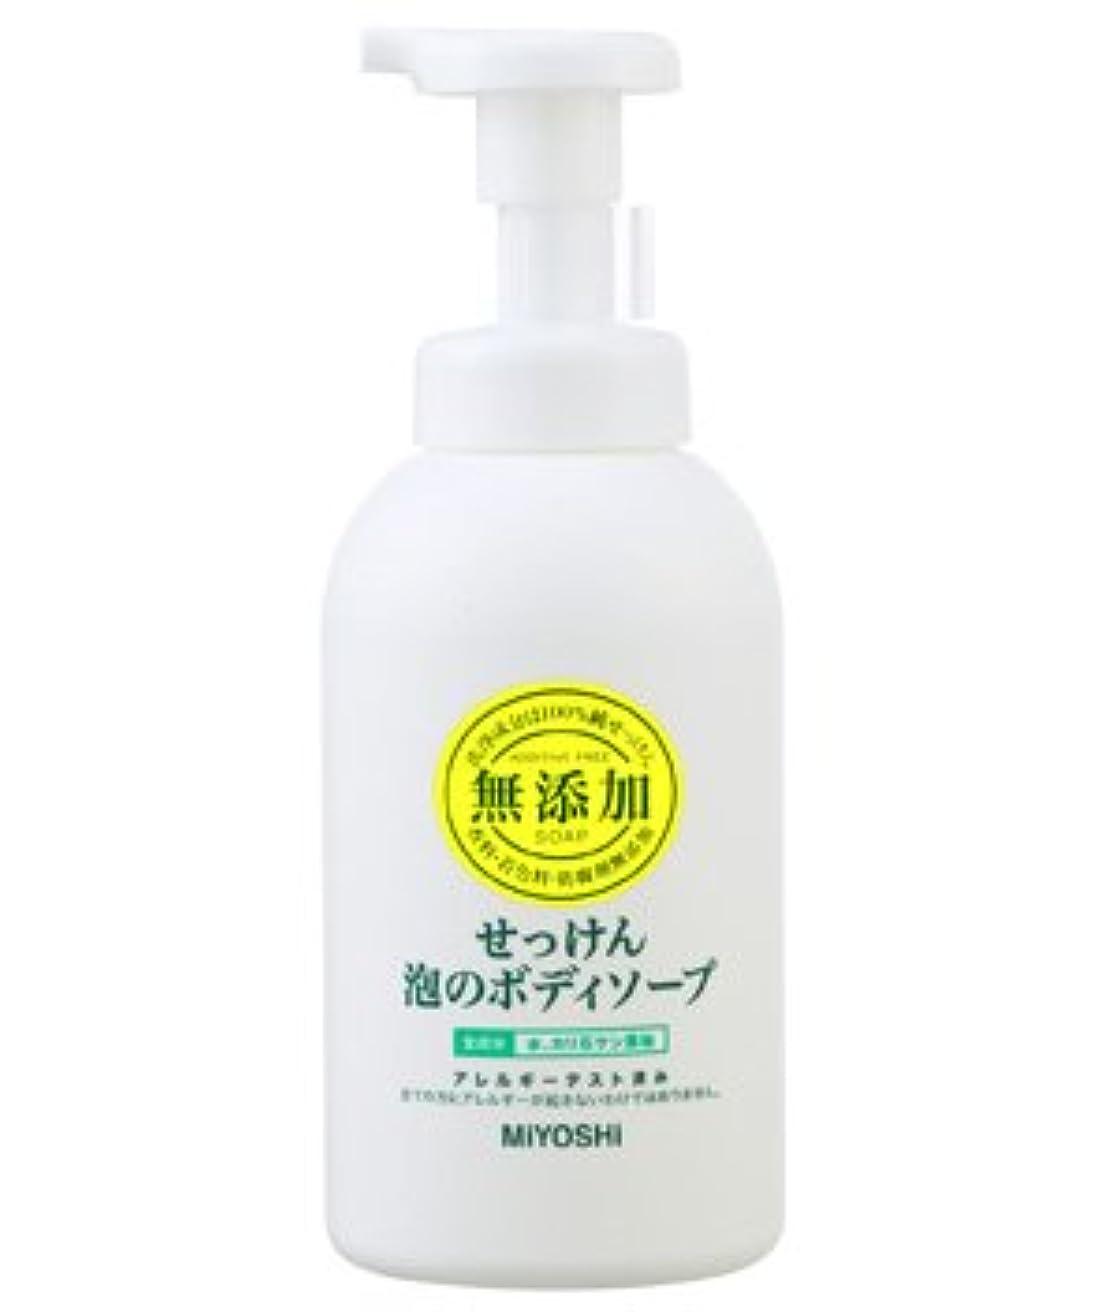 擁するラグもっと少なくミヨシ石鹸 無添加 せっけん 泡のボディソープ 500ml(無添加石鹸)×15点セット (4537130101544)